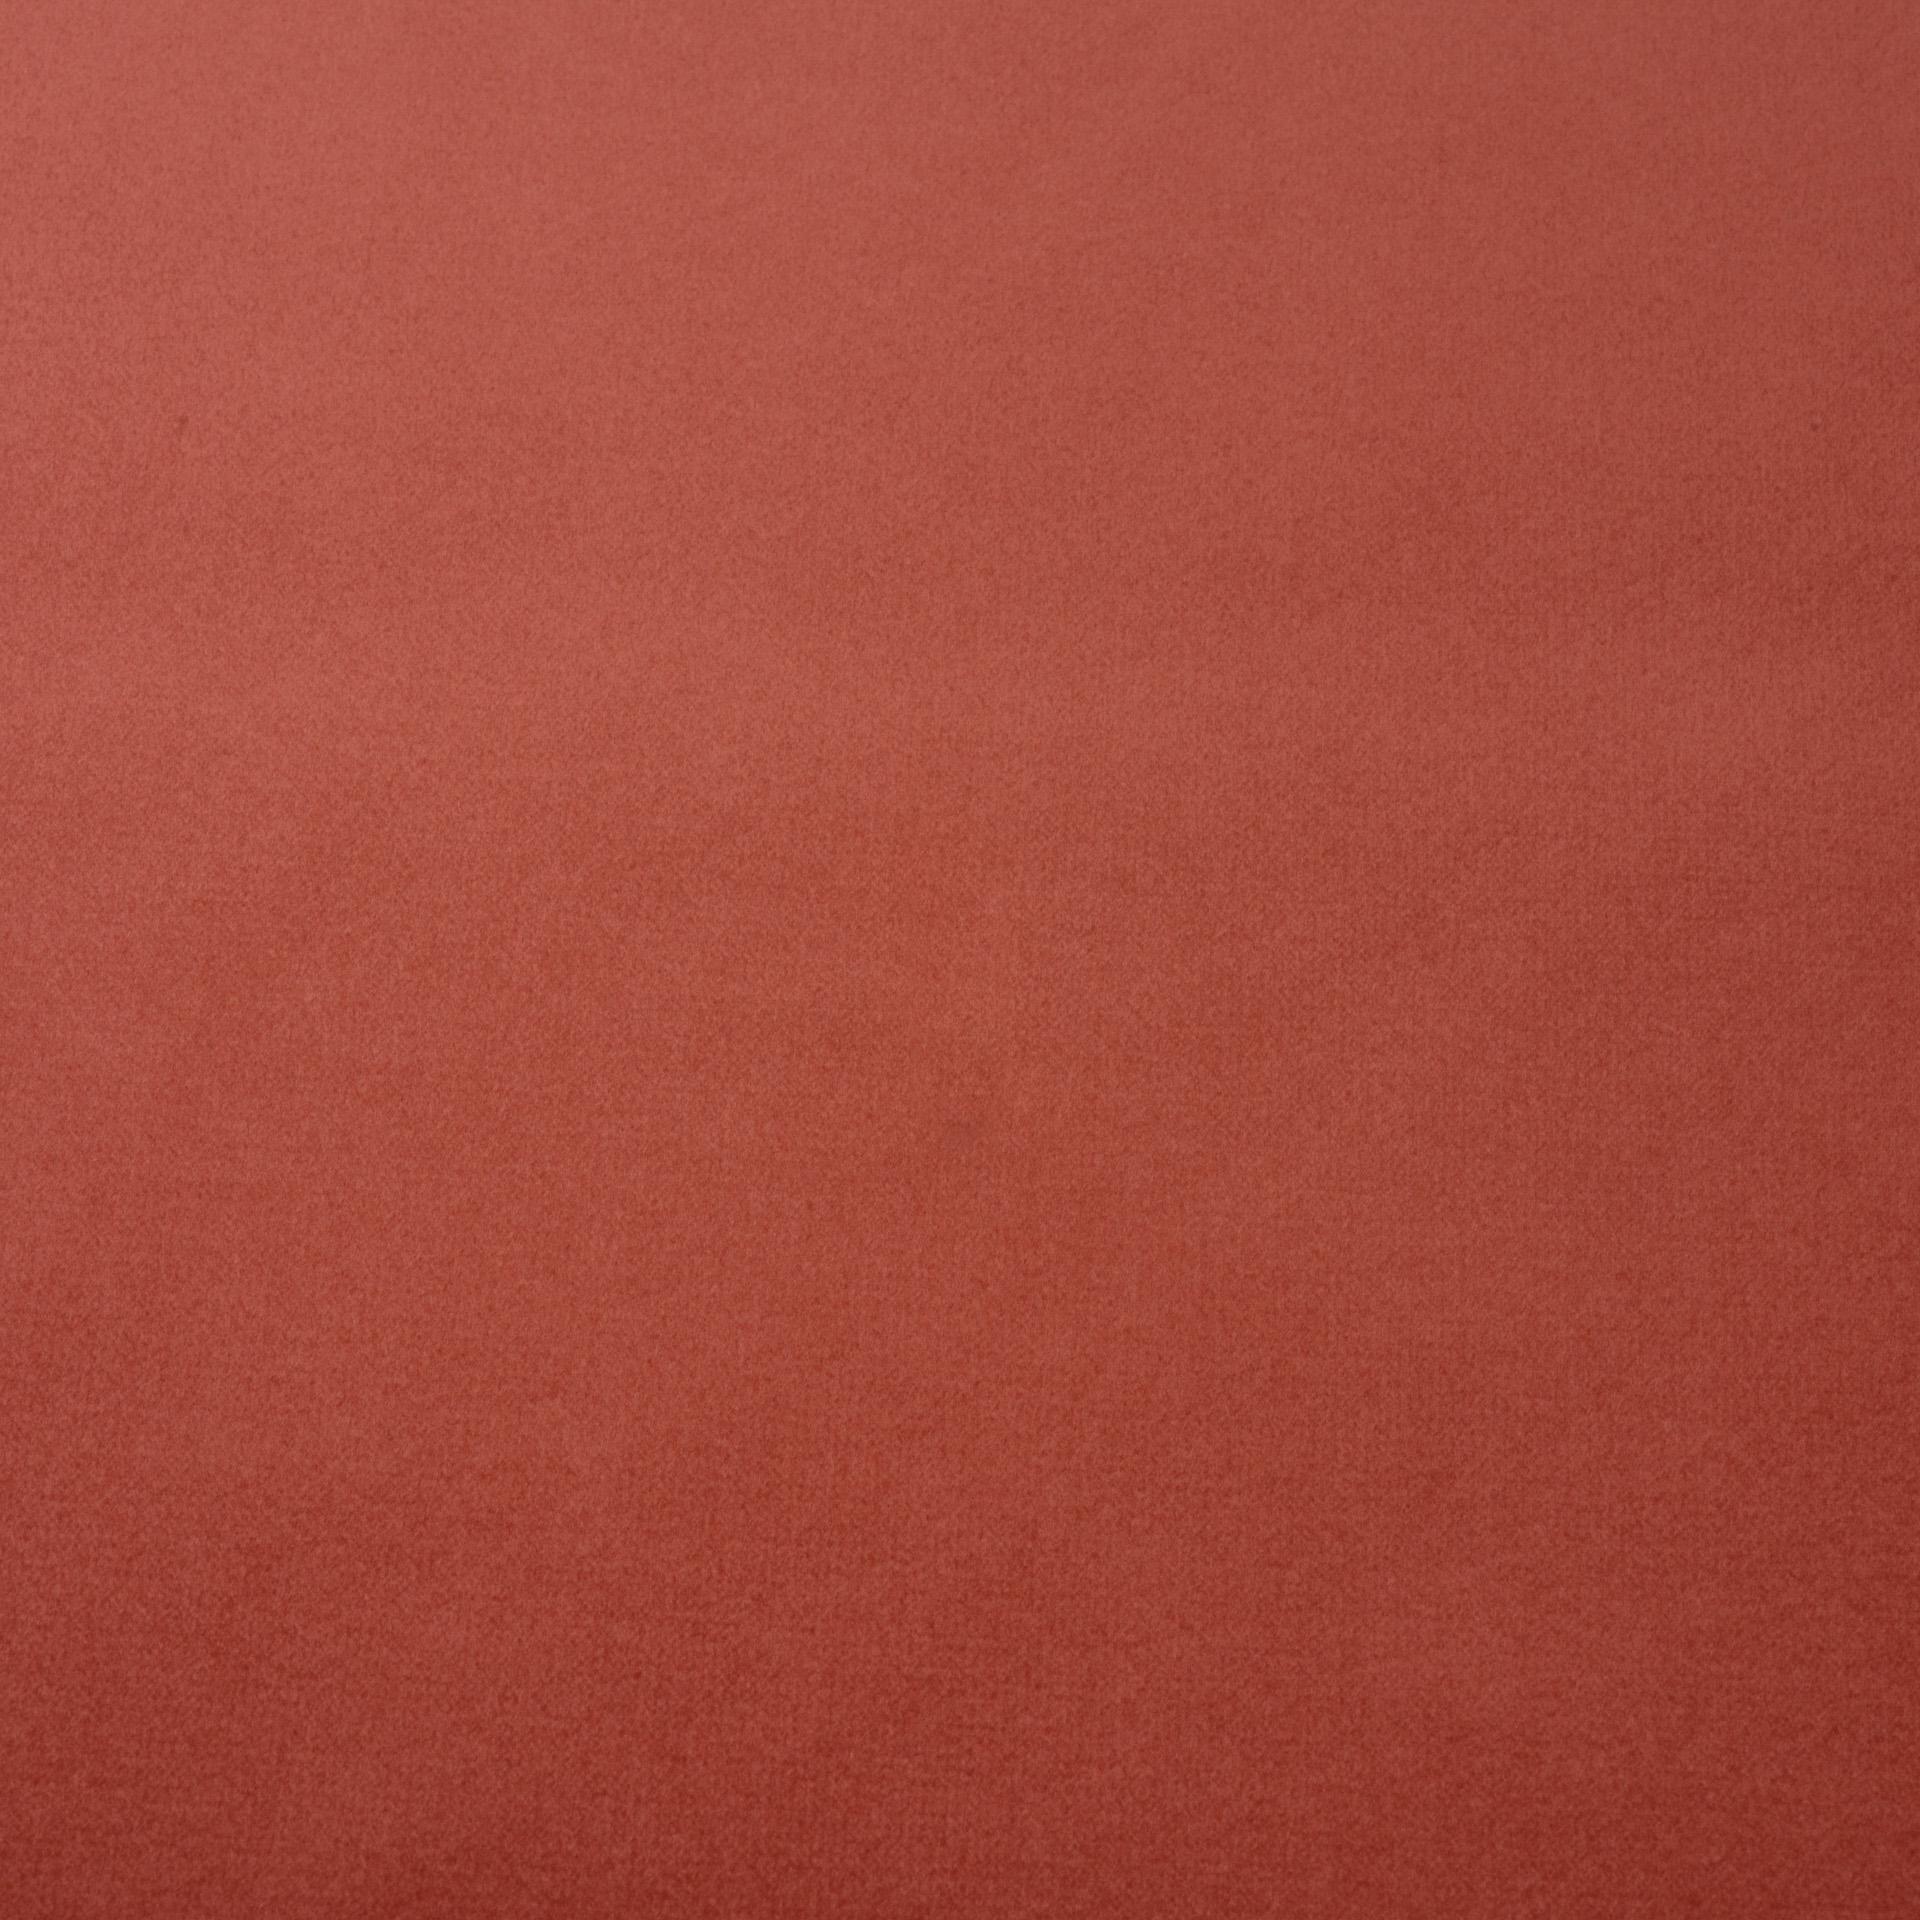 Коллекция ткани Багира 17 CLEMENTINE ROSE,  купить ткань Велюр для мебели Украина